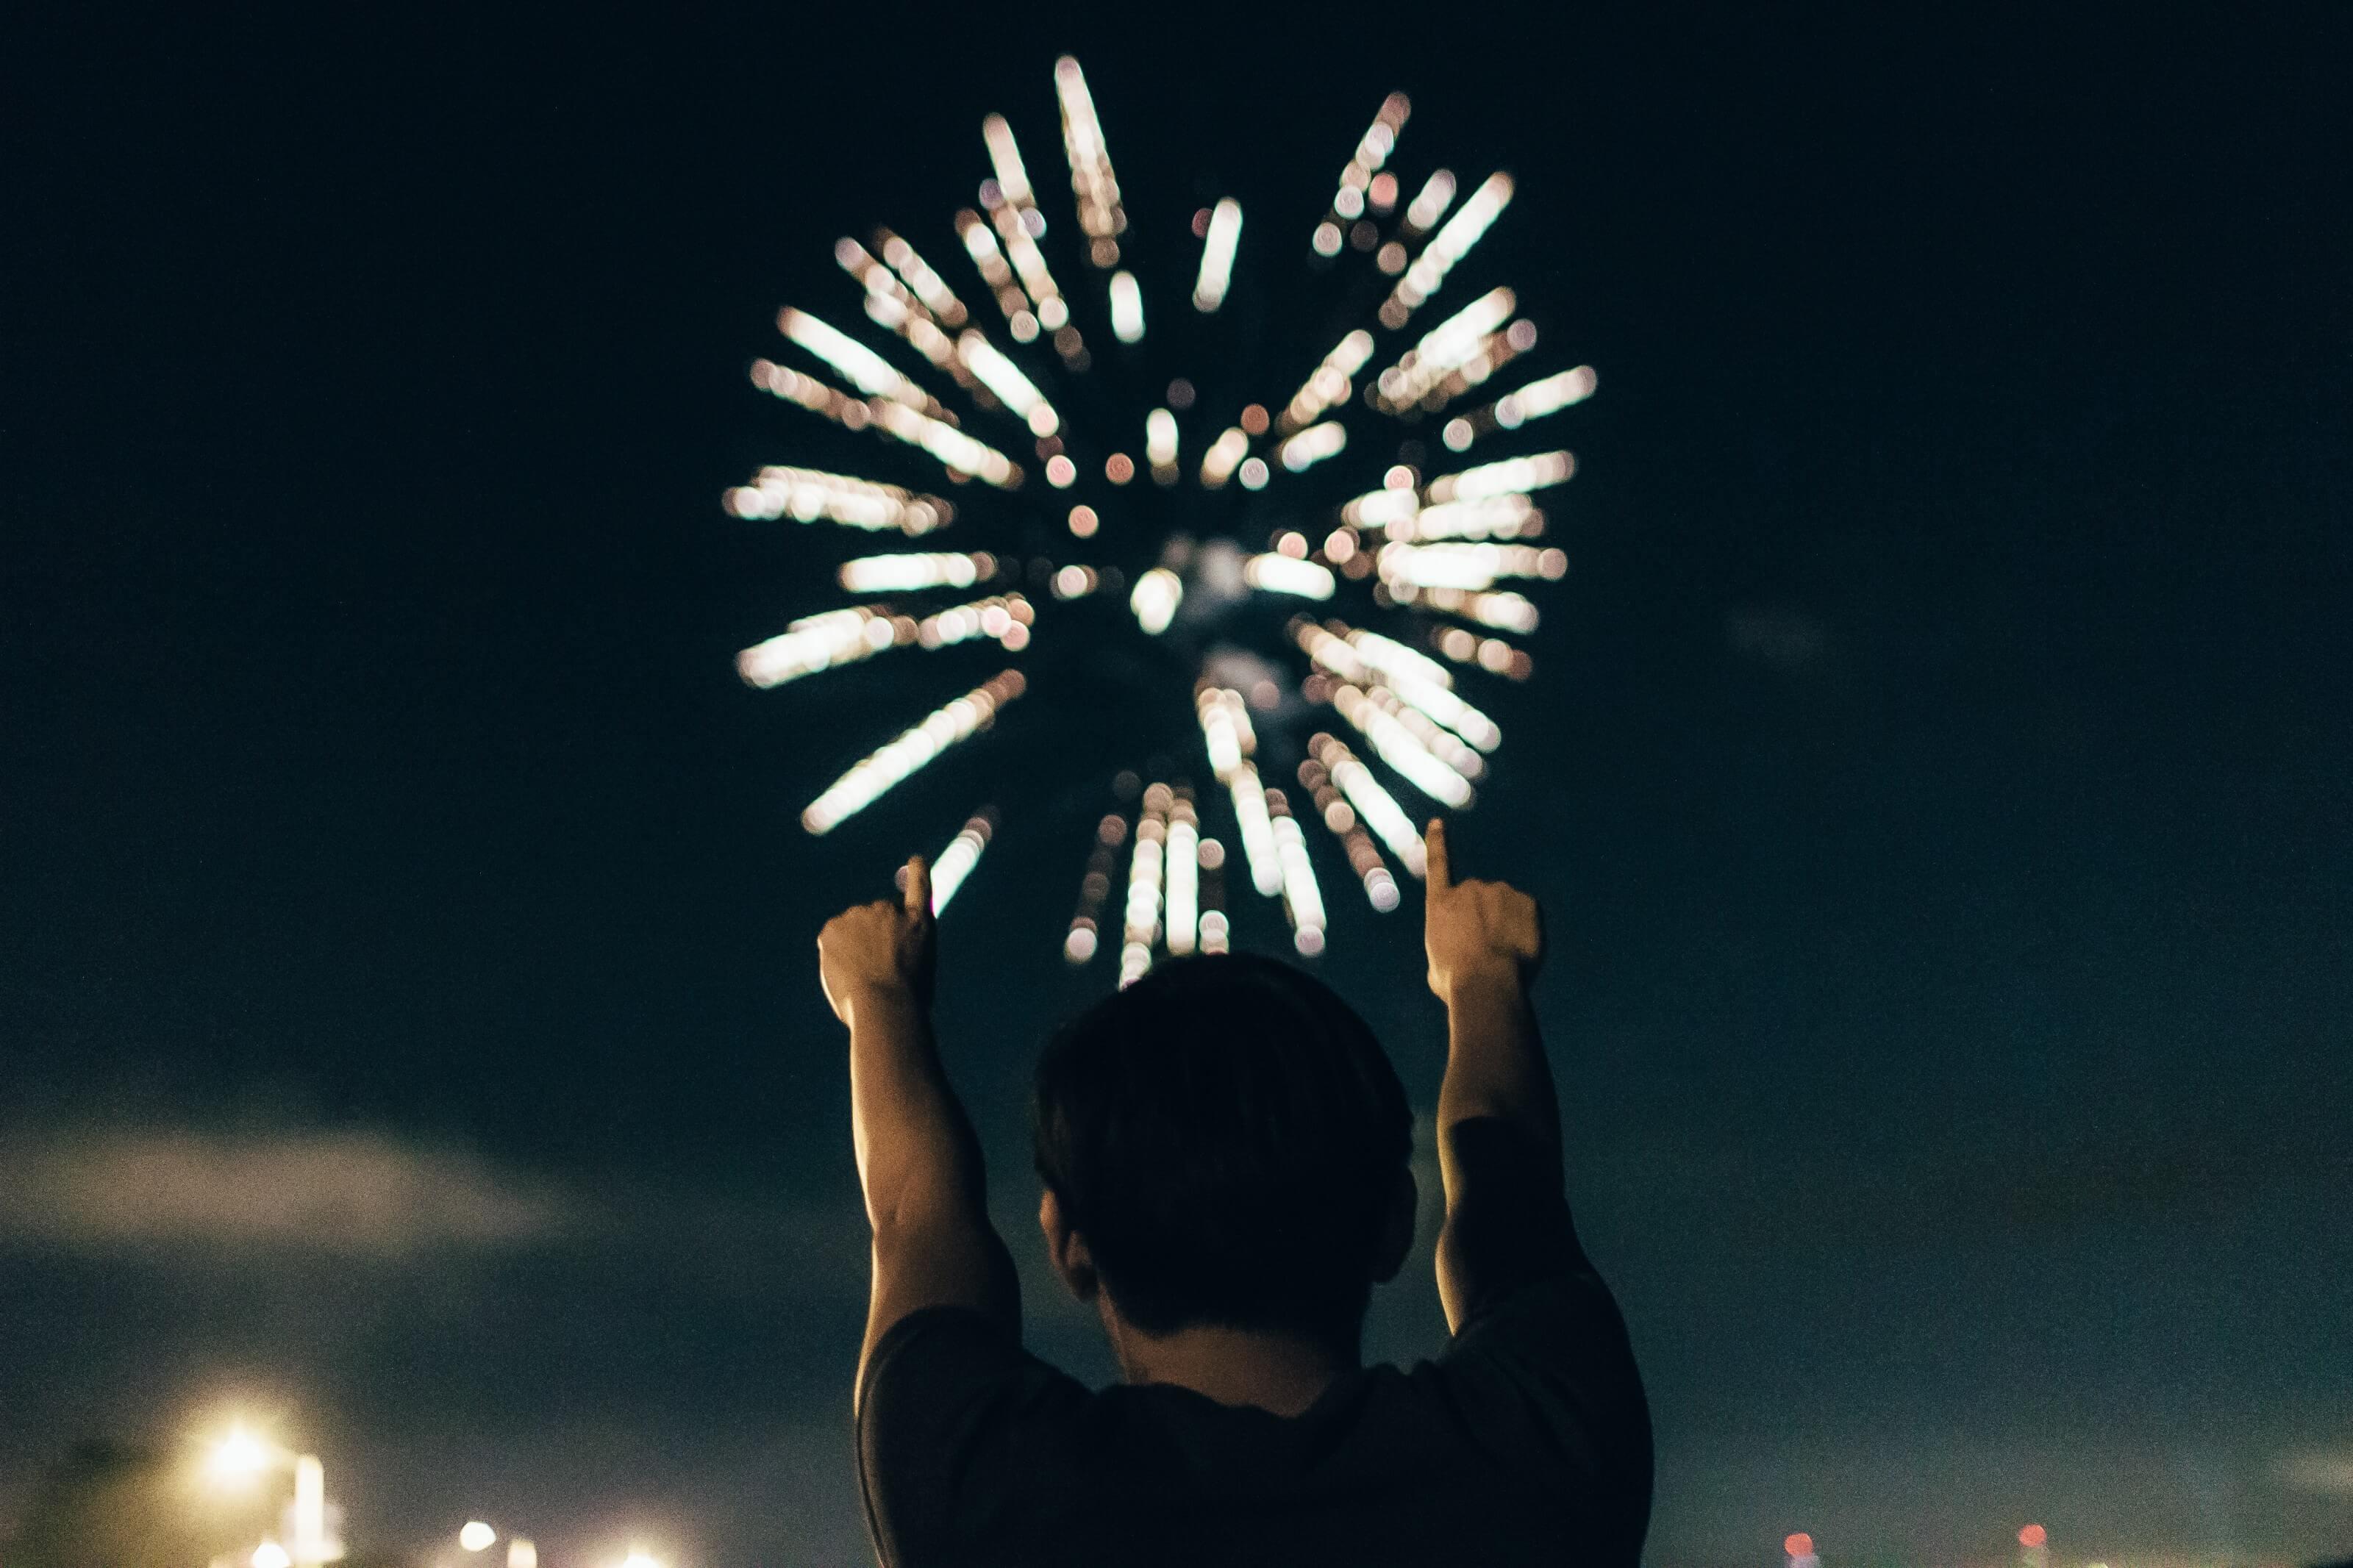 nouvel an dans le monde